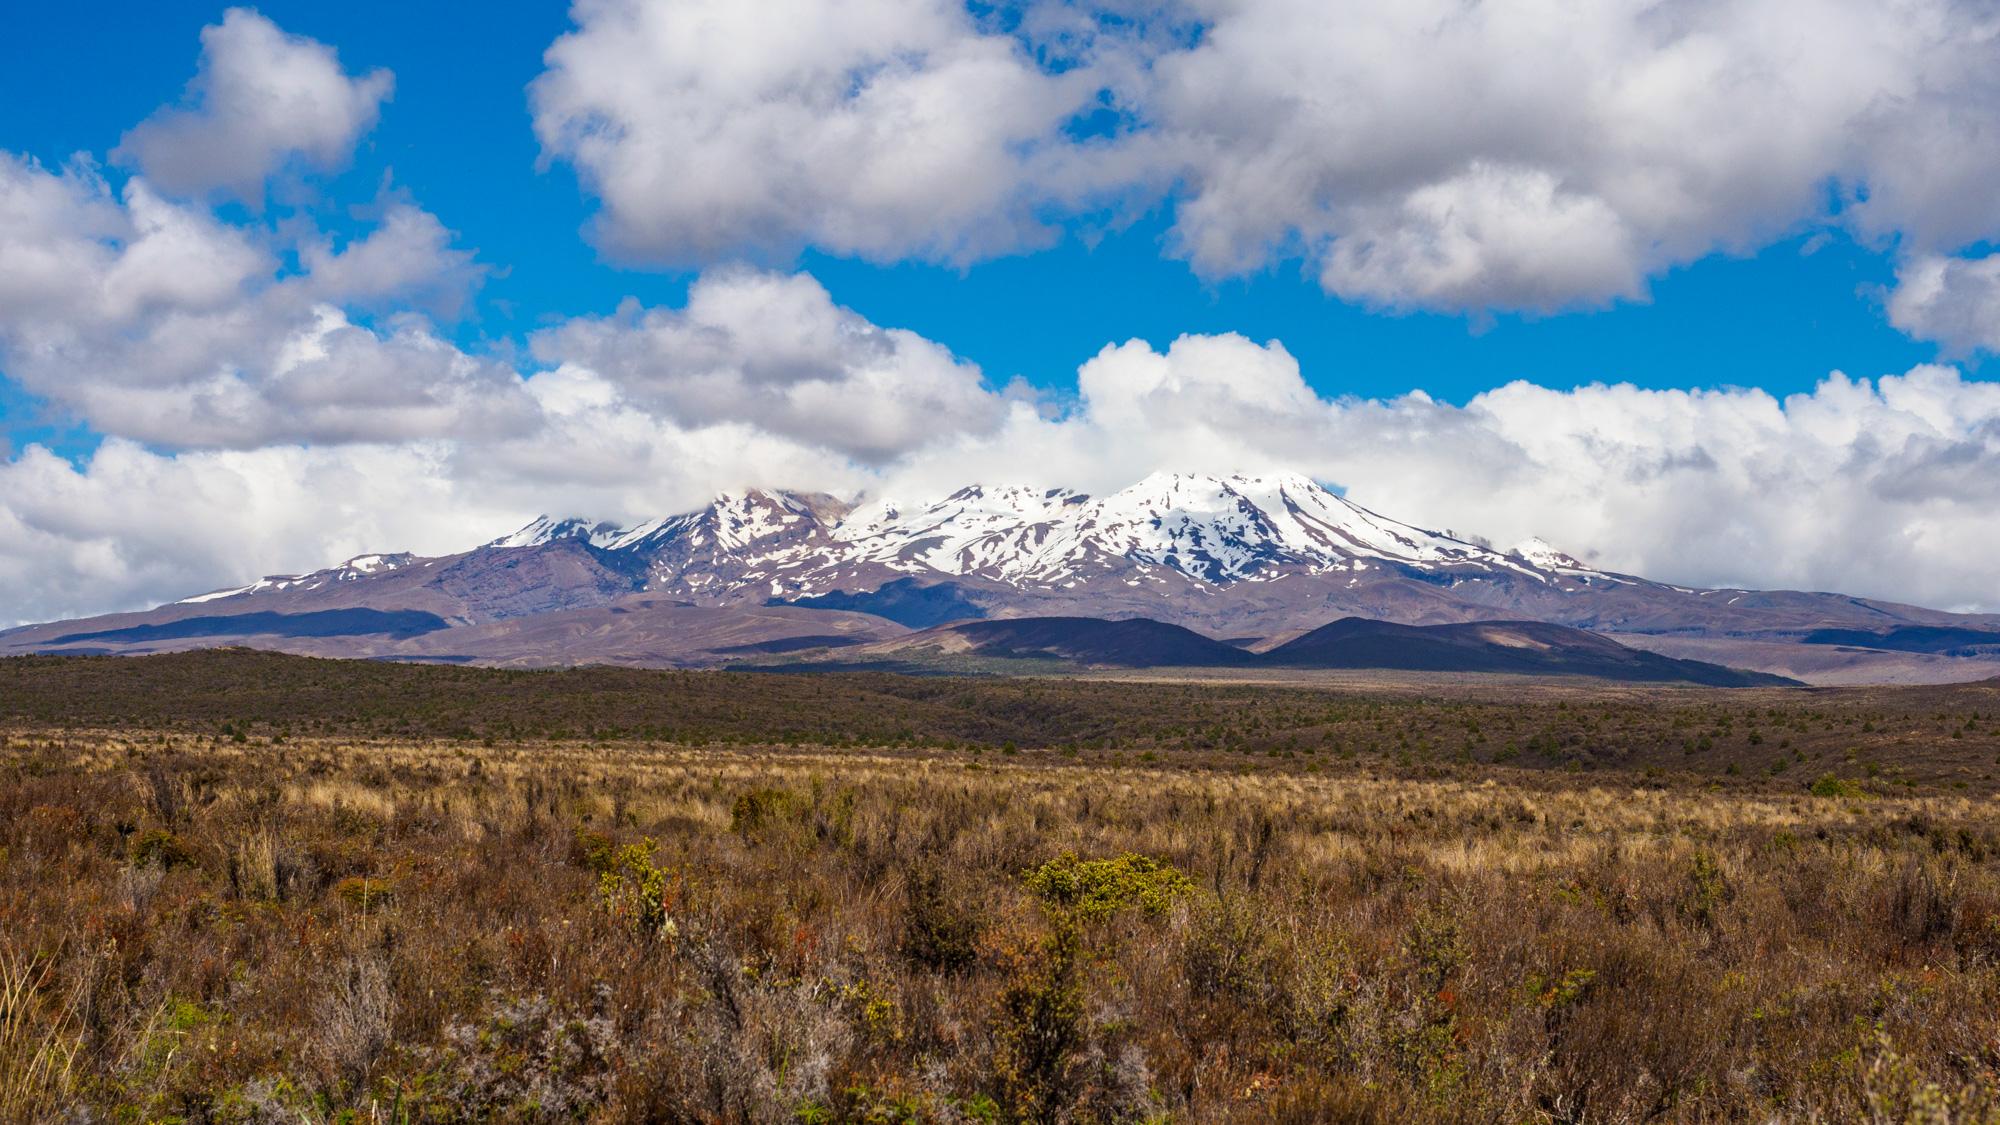 Tongariro - Mt Ruapehu